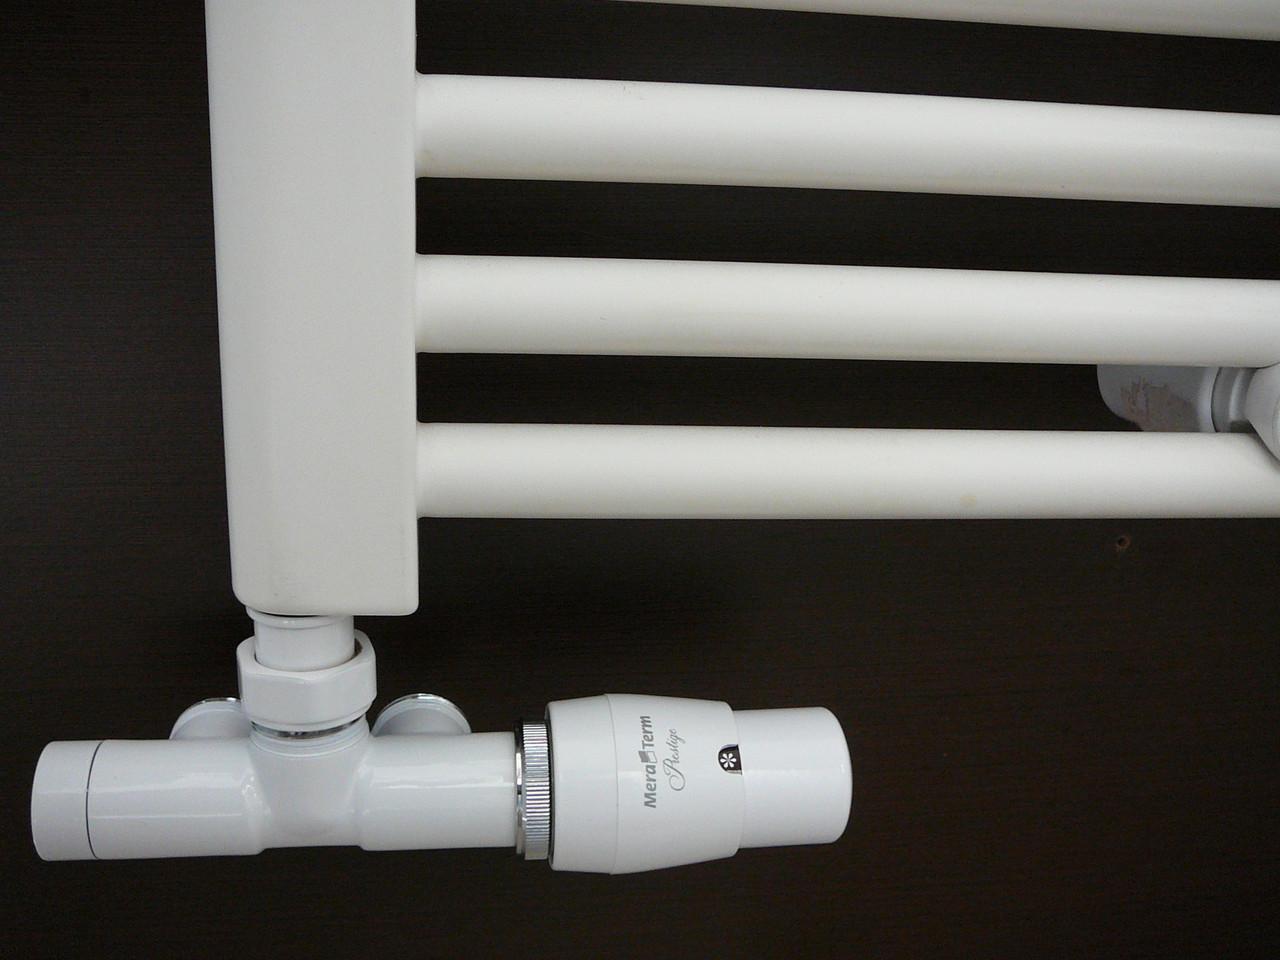 Вентиль термостатичний з занурювальний трубкою Unico 50 мм, білий (Vario Term)